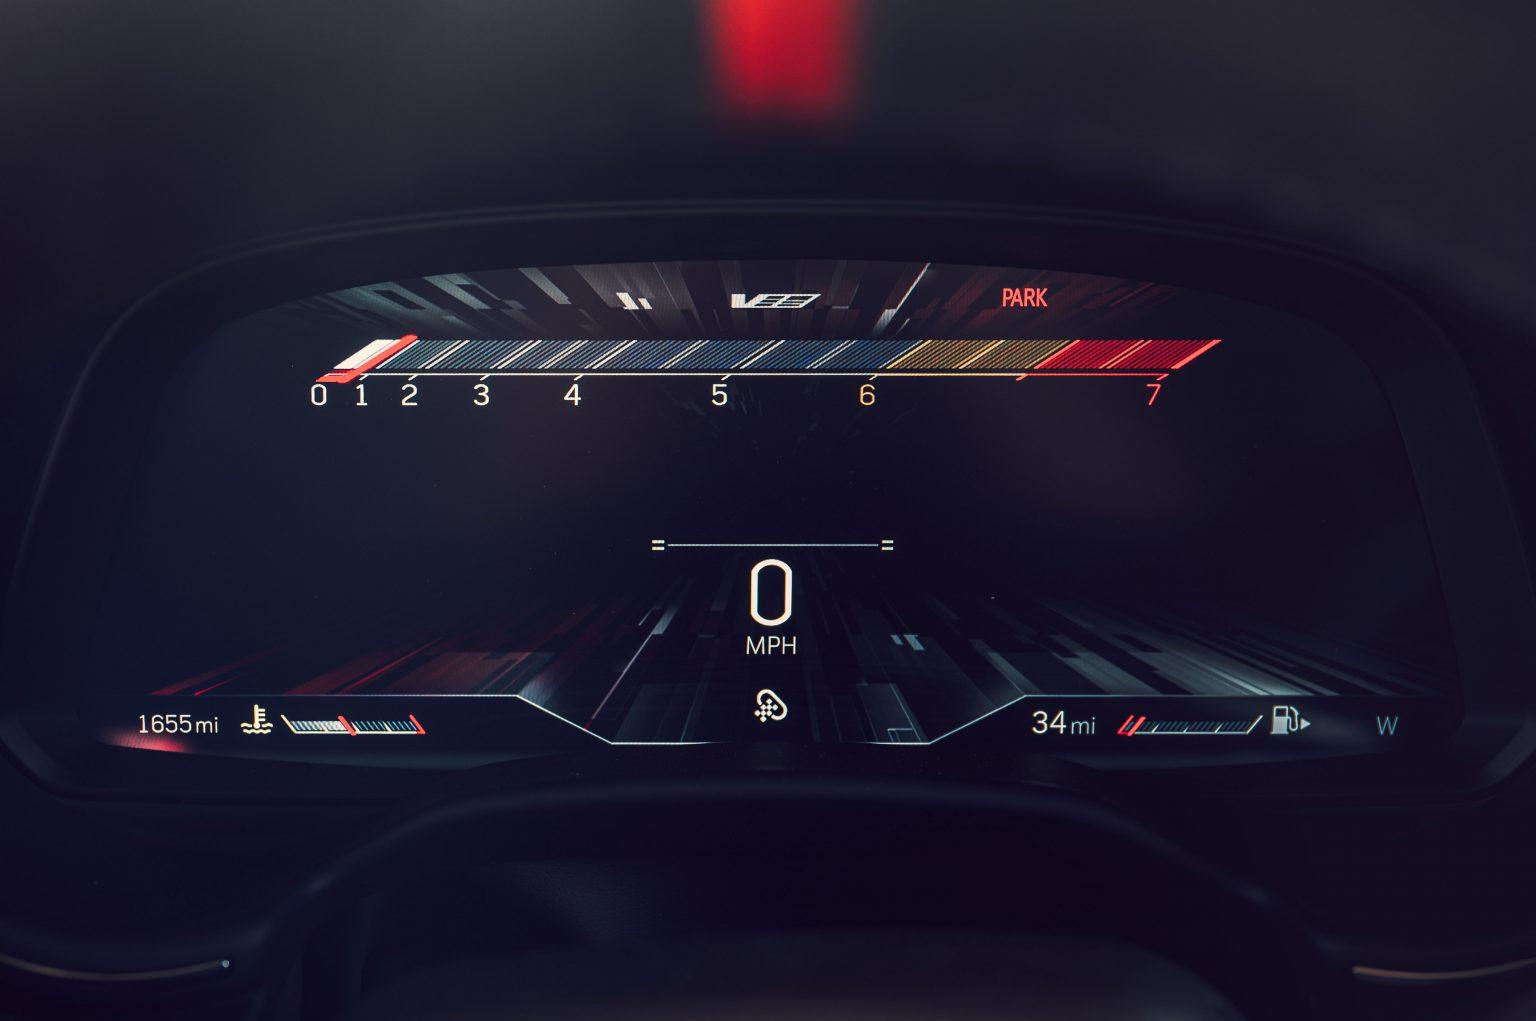 عداد كاديلاك CT5-V-Blackwing 2022